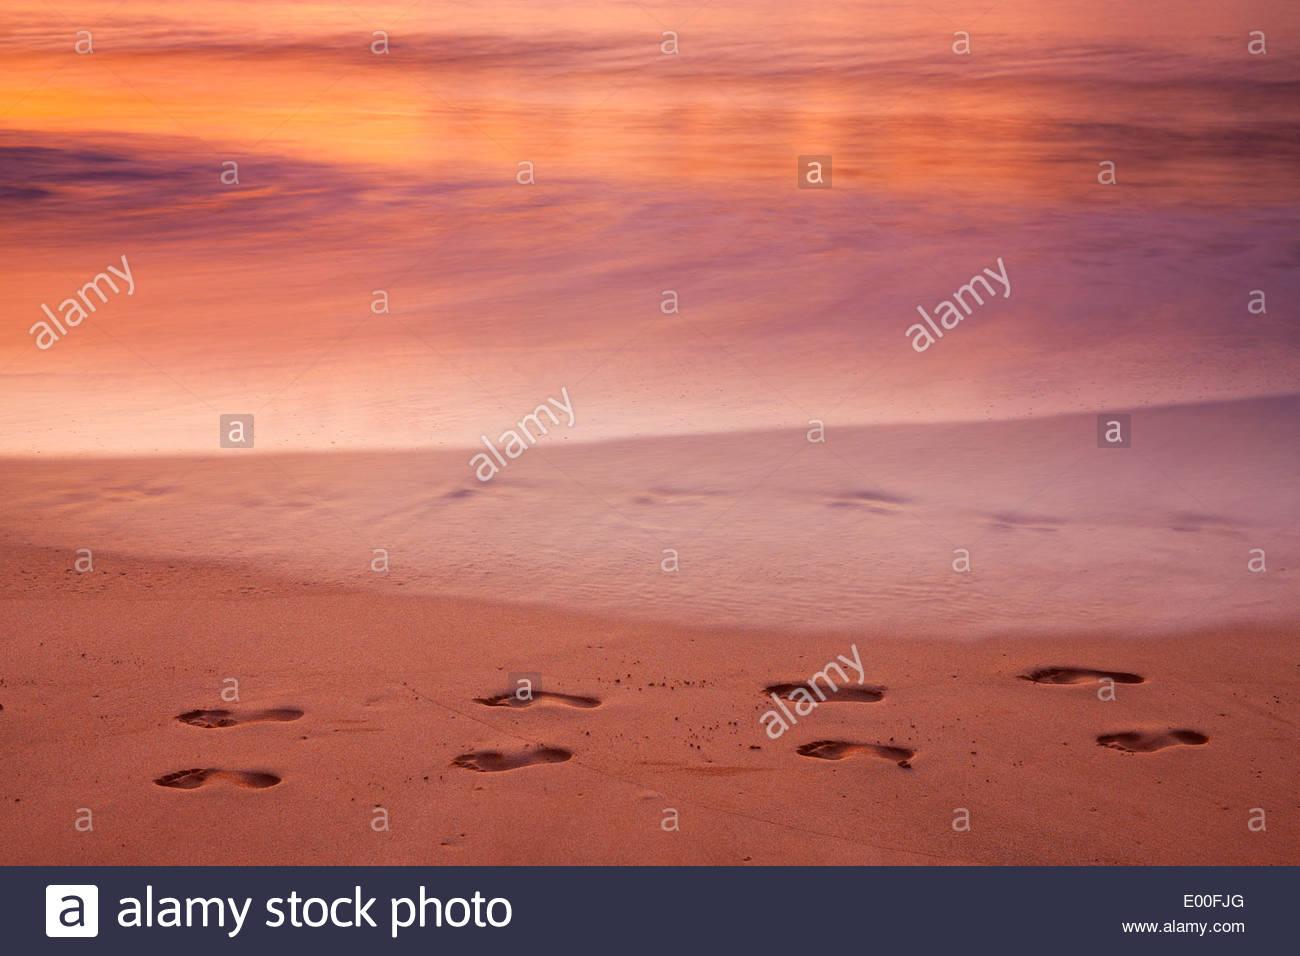 Wellen des Pazifischen Ozeans löschen allmählich Fußabdrücke hinterlassen Makena Beach auf der Insel Maui, Hawaii als die Sonne untergeht. Stockbild